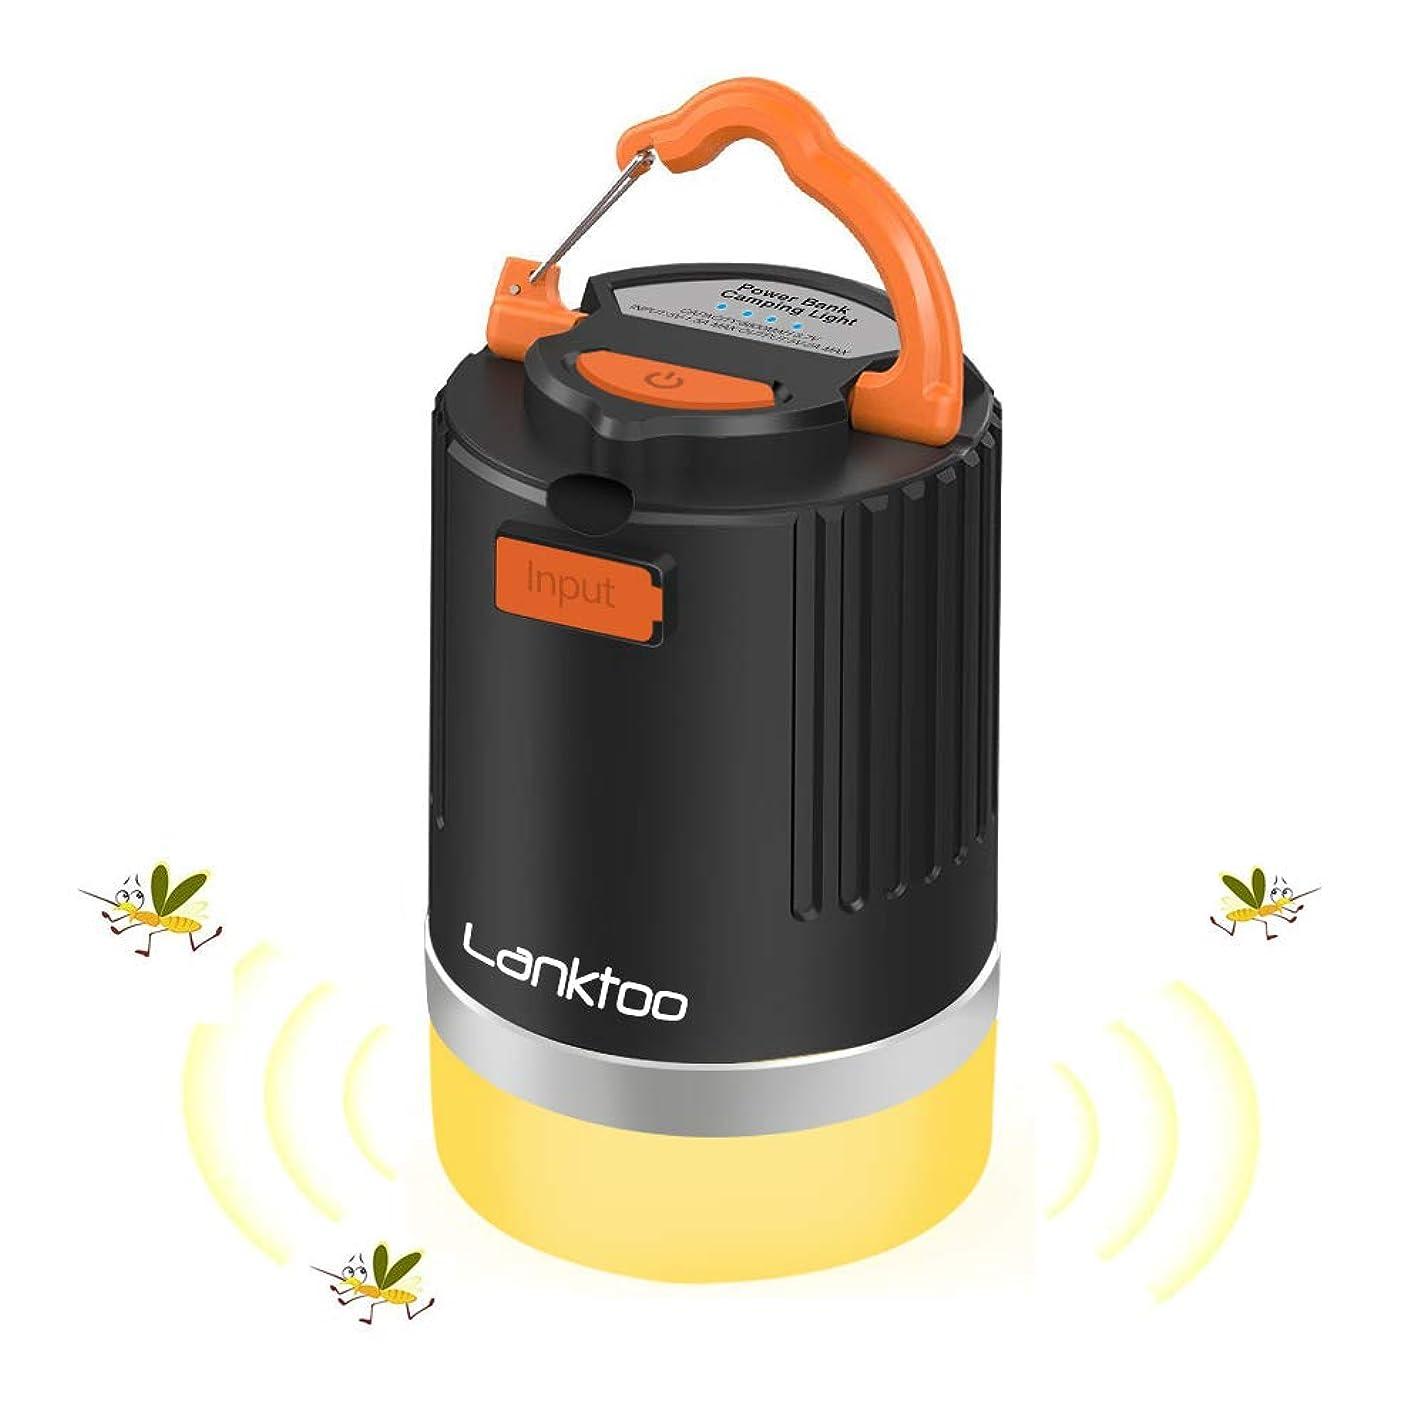 苦味東ティモールモートLanktoo LEDランタン 充電式 usb 蚊よけ キャンプ ランタン 12800mAhモバイルバッテリー 防災 夜釣り